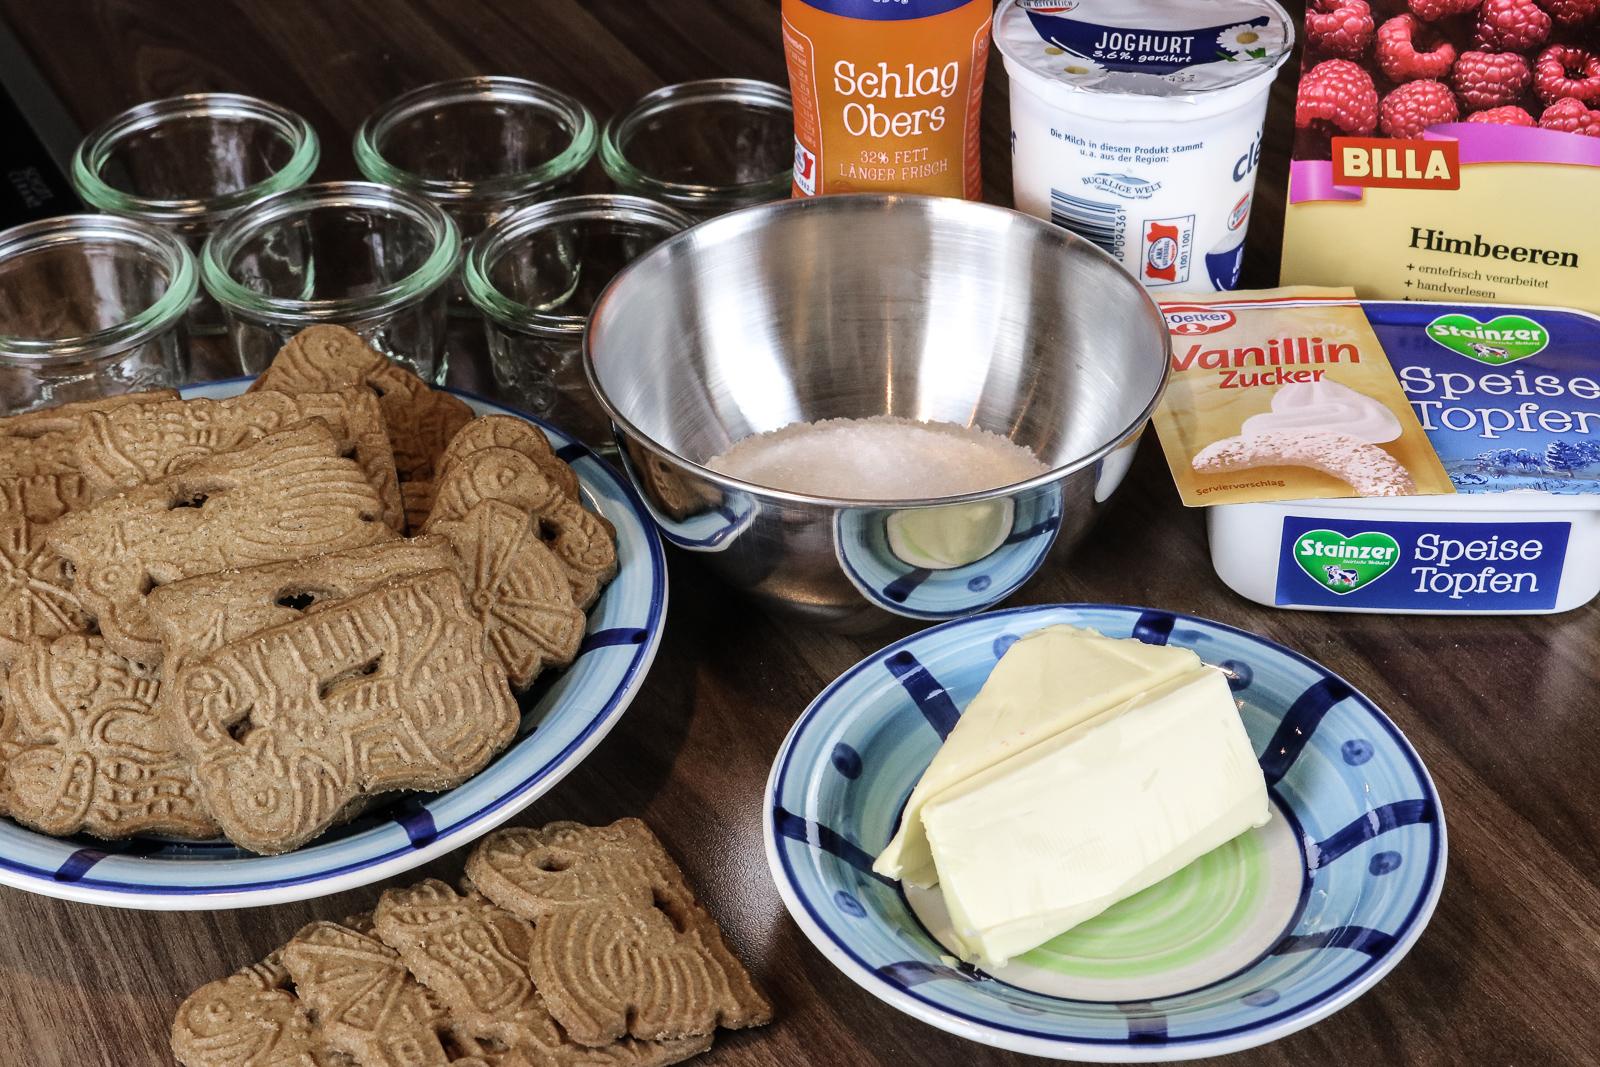 Schnelles Weihnachtsdessert No-bake Spekulatius Cheesecake Rezept - Dessert fürs Weihnachtsmenü - schnell und einfaches Dessert - Dessert Rezept - Cheesecake ohne backen - Fashionladyloves by Tamara Wagner - Lifestyle Blog